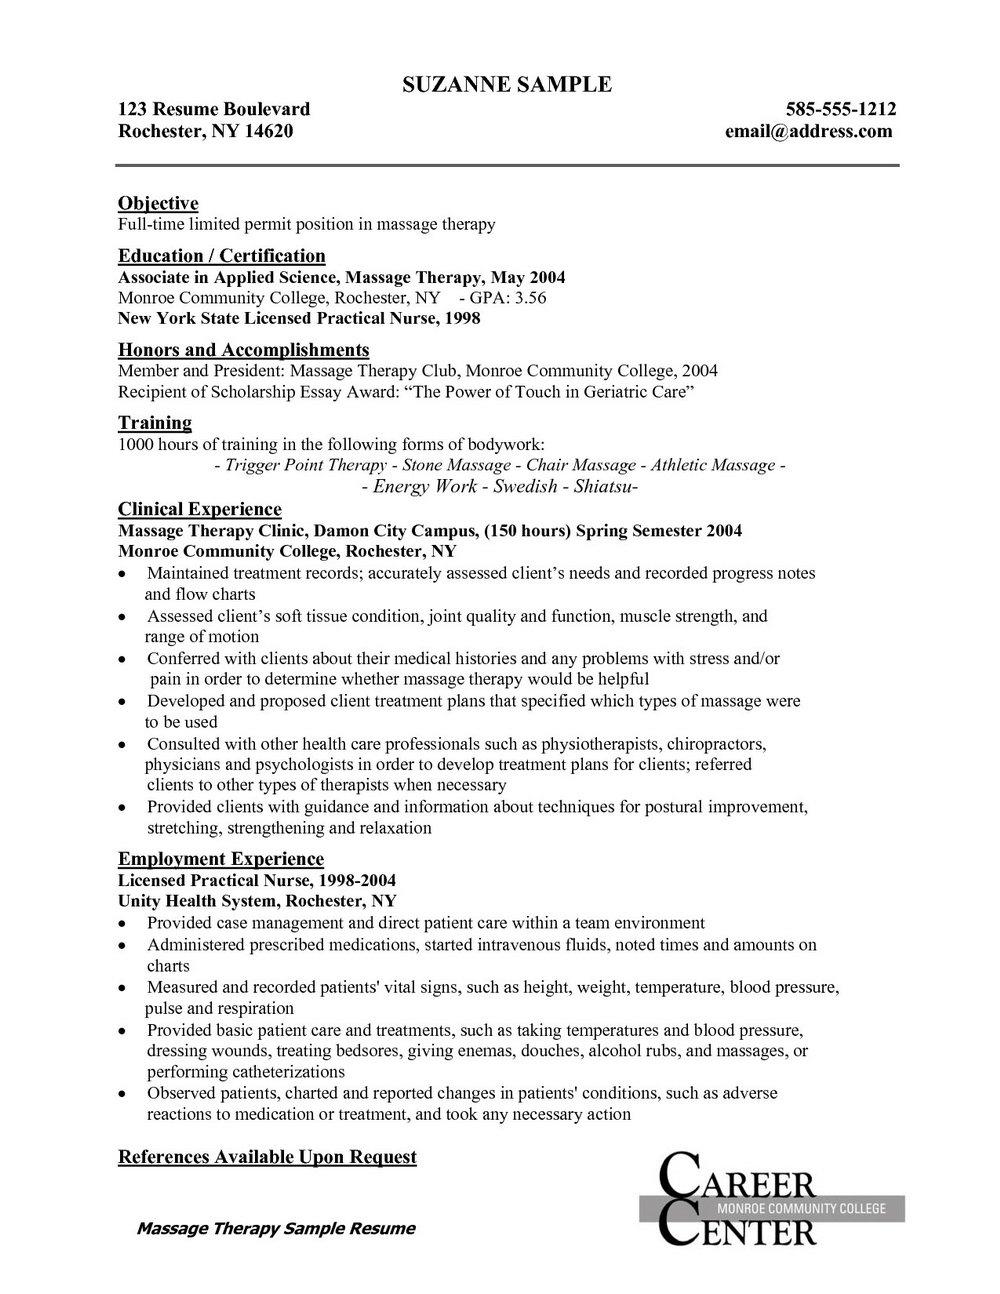 Sample Resume For An Rn Career Change